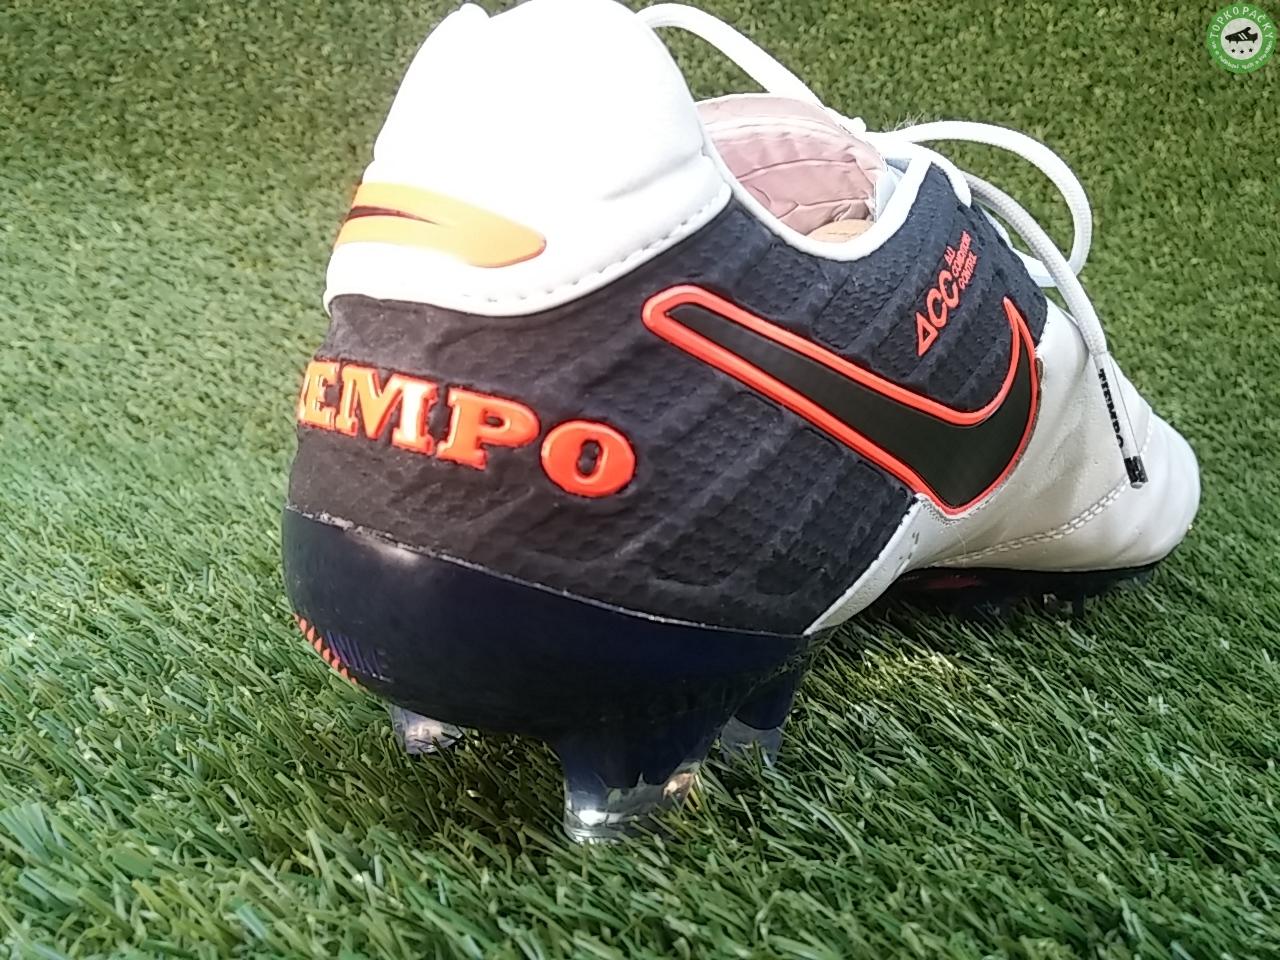 Timepo-Legend-6-8